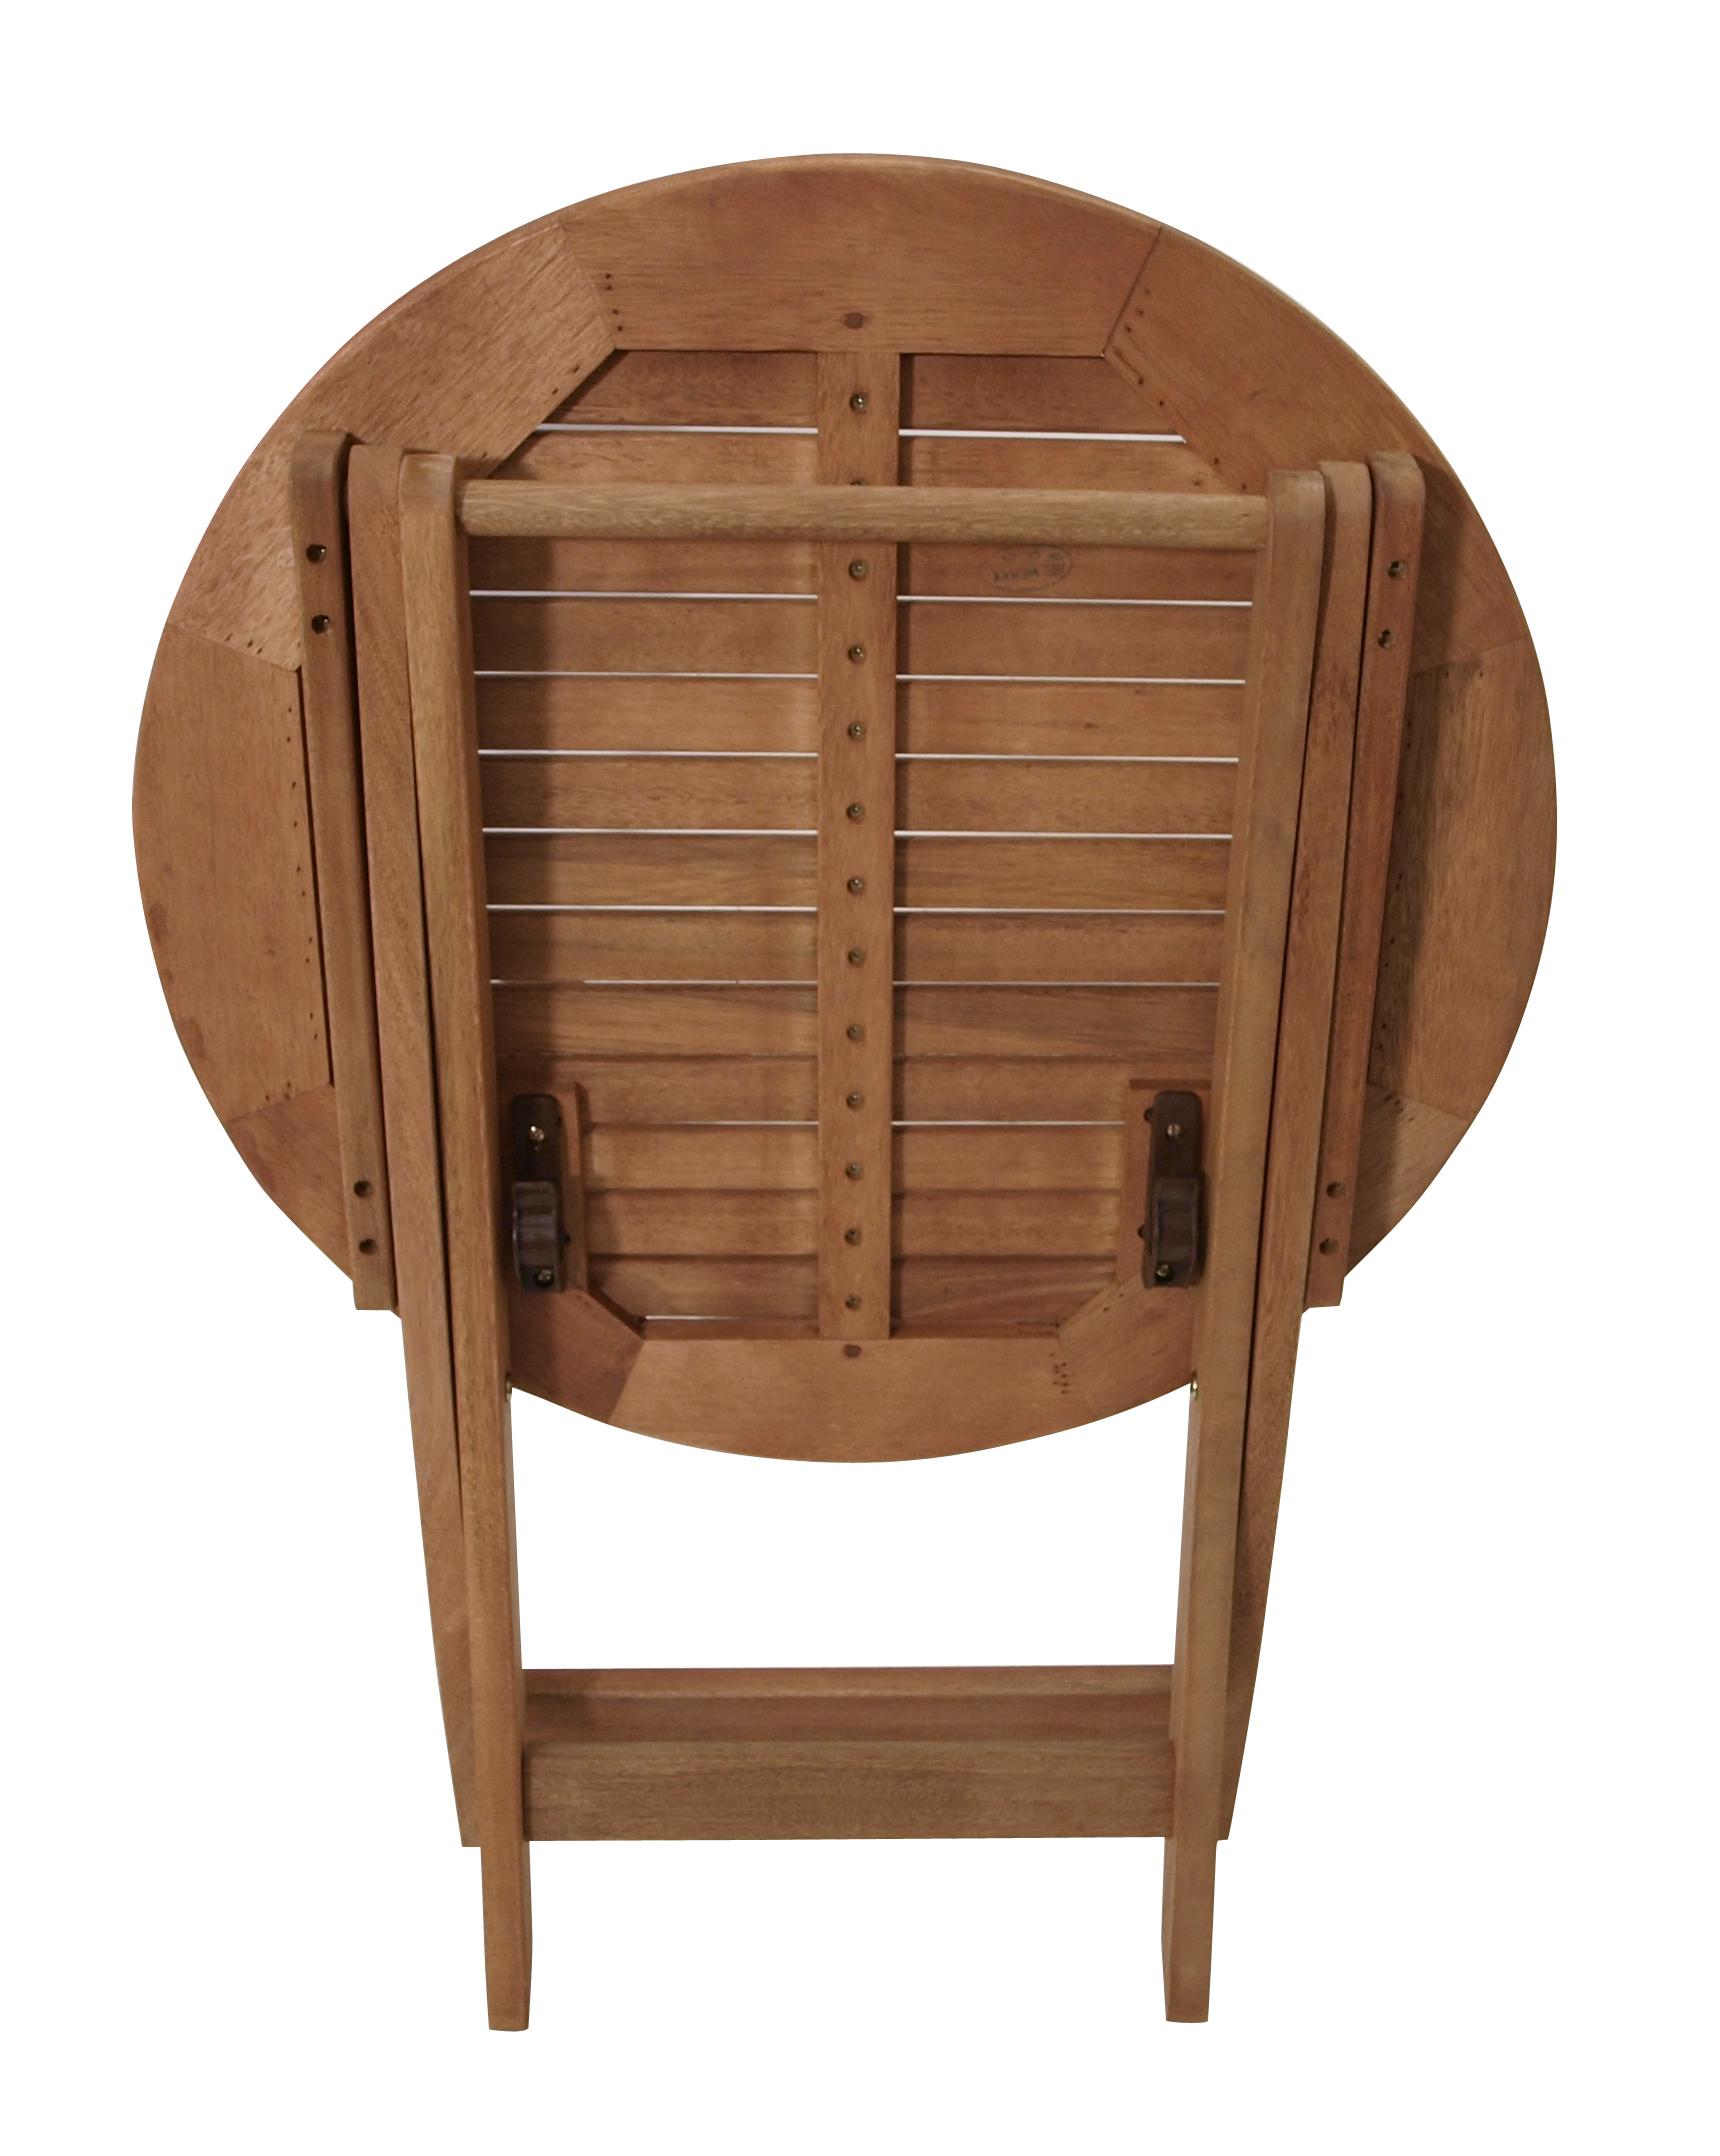 gartenst hle bauanleitung alle ideen ber home design. Black Bedroom Furniture Sets. Home Design Ideas